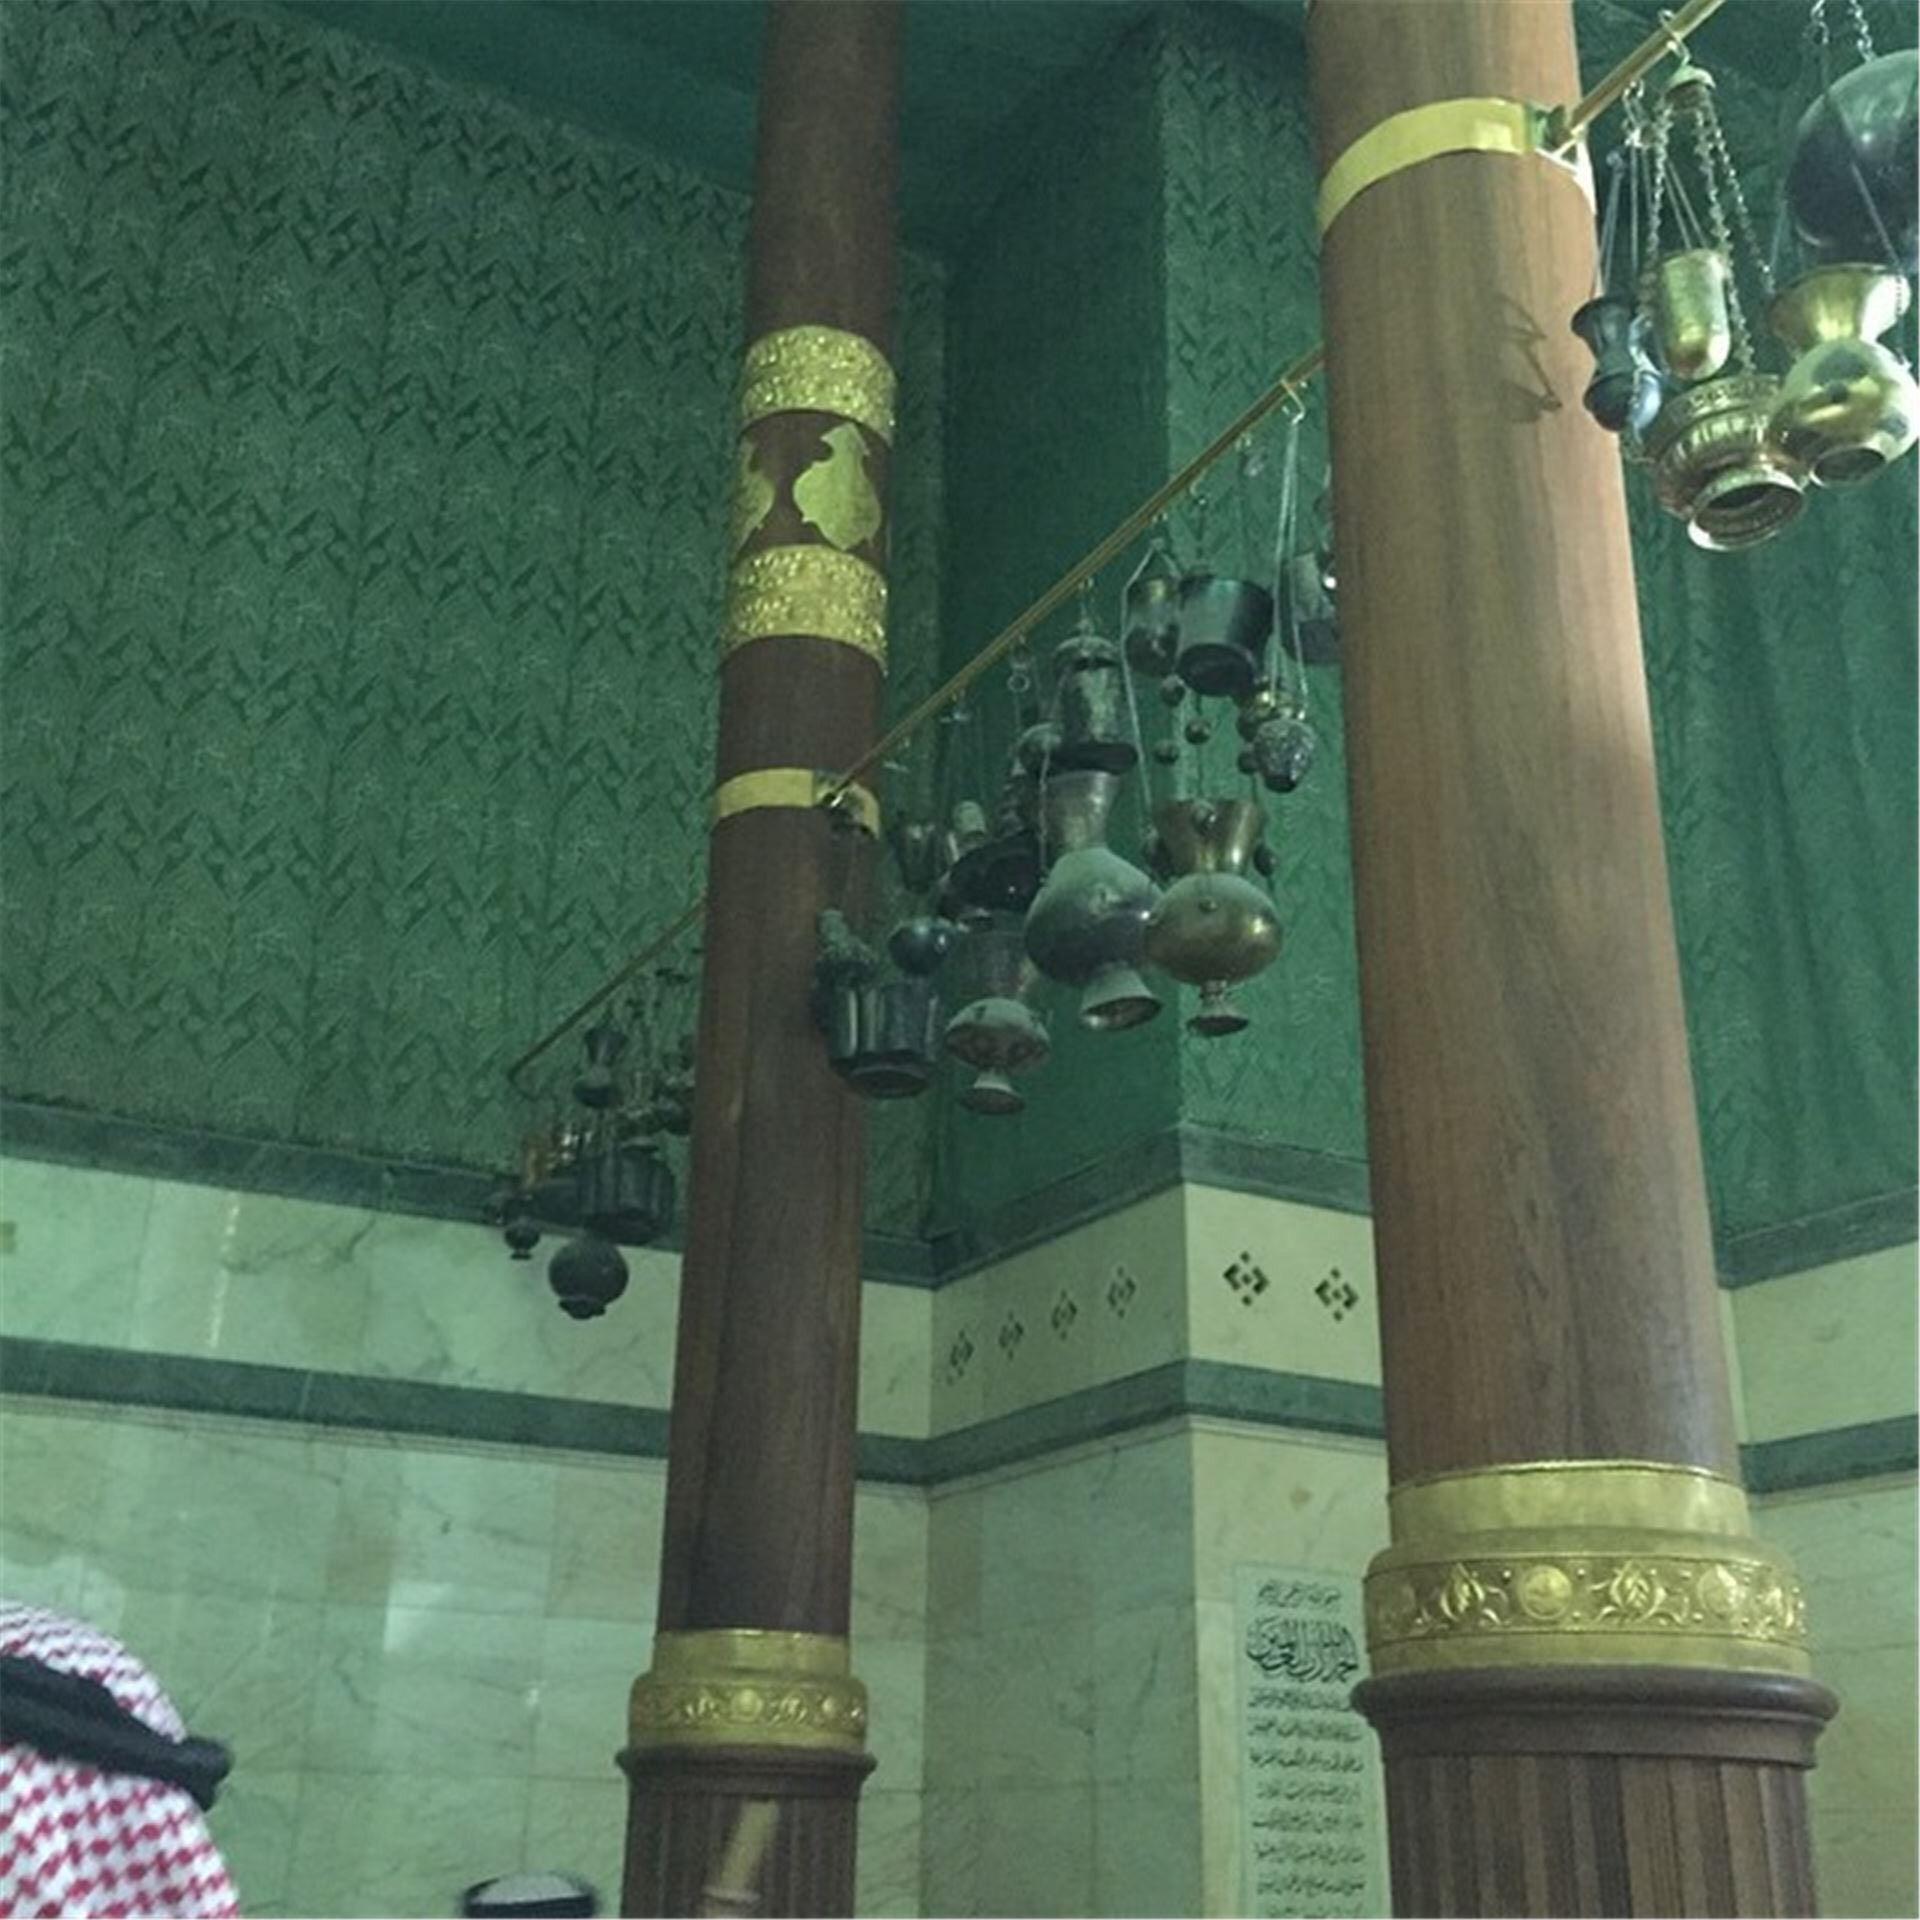 بالصور هذا ما تخفيه الكعبة من الداخل العربية نت الصفحة الرئيسية Mekah Fotografi Kota Gambar